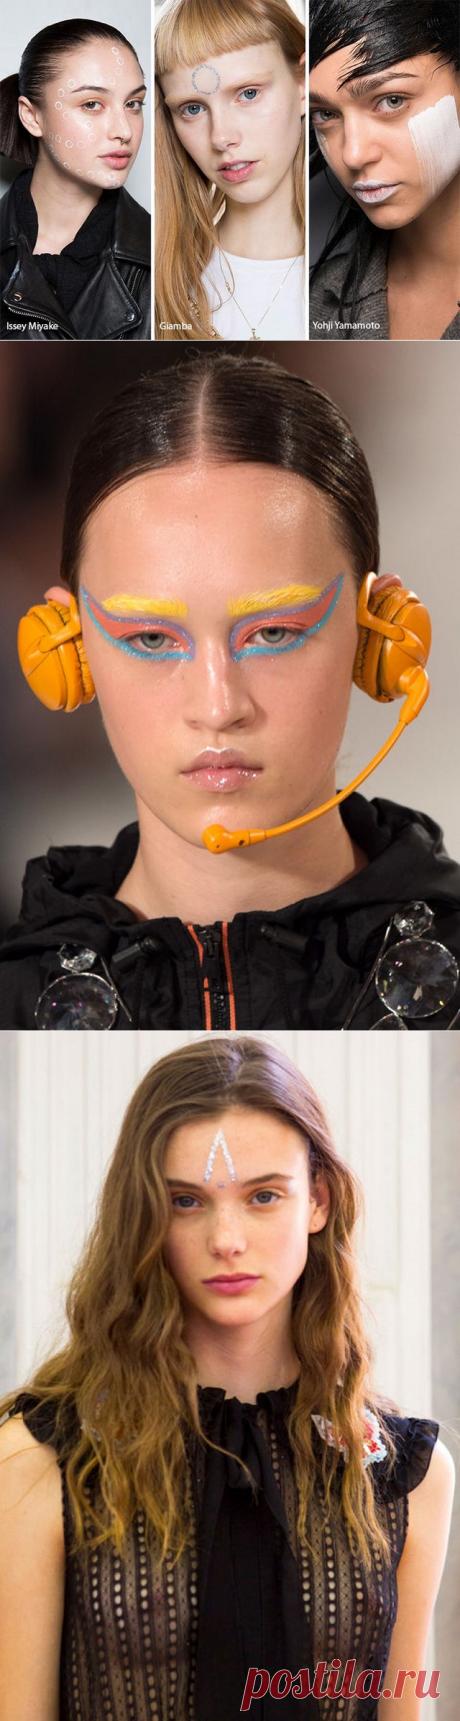 Модный макияж 2017-2018 – фейс-арт